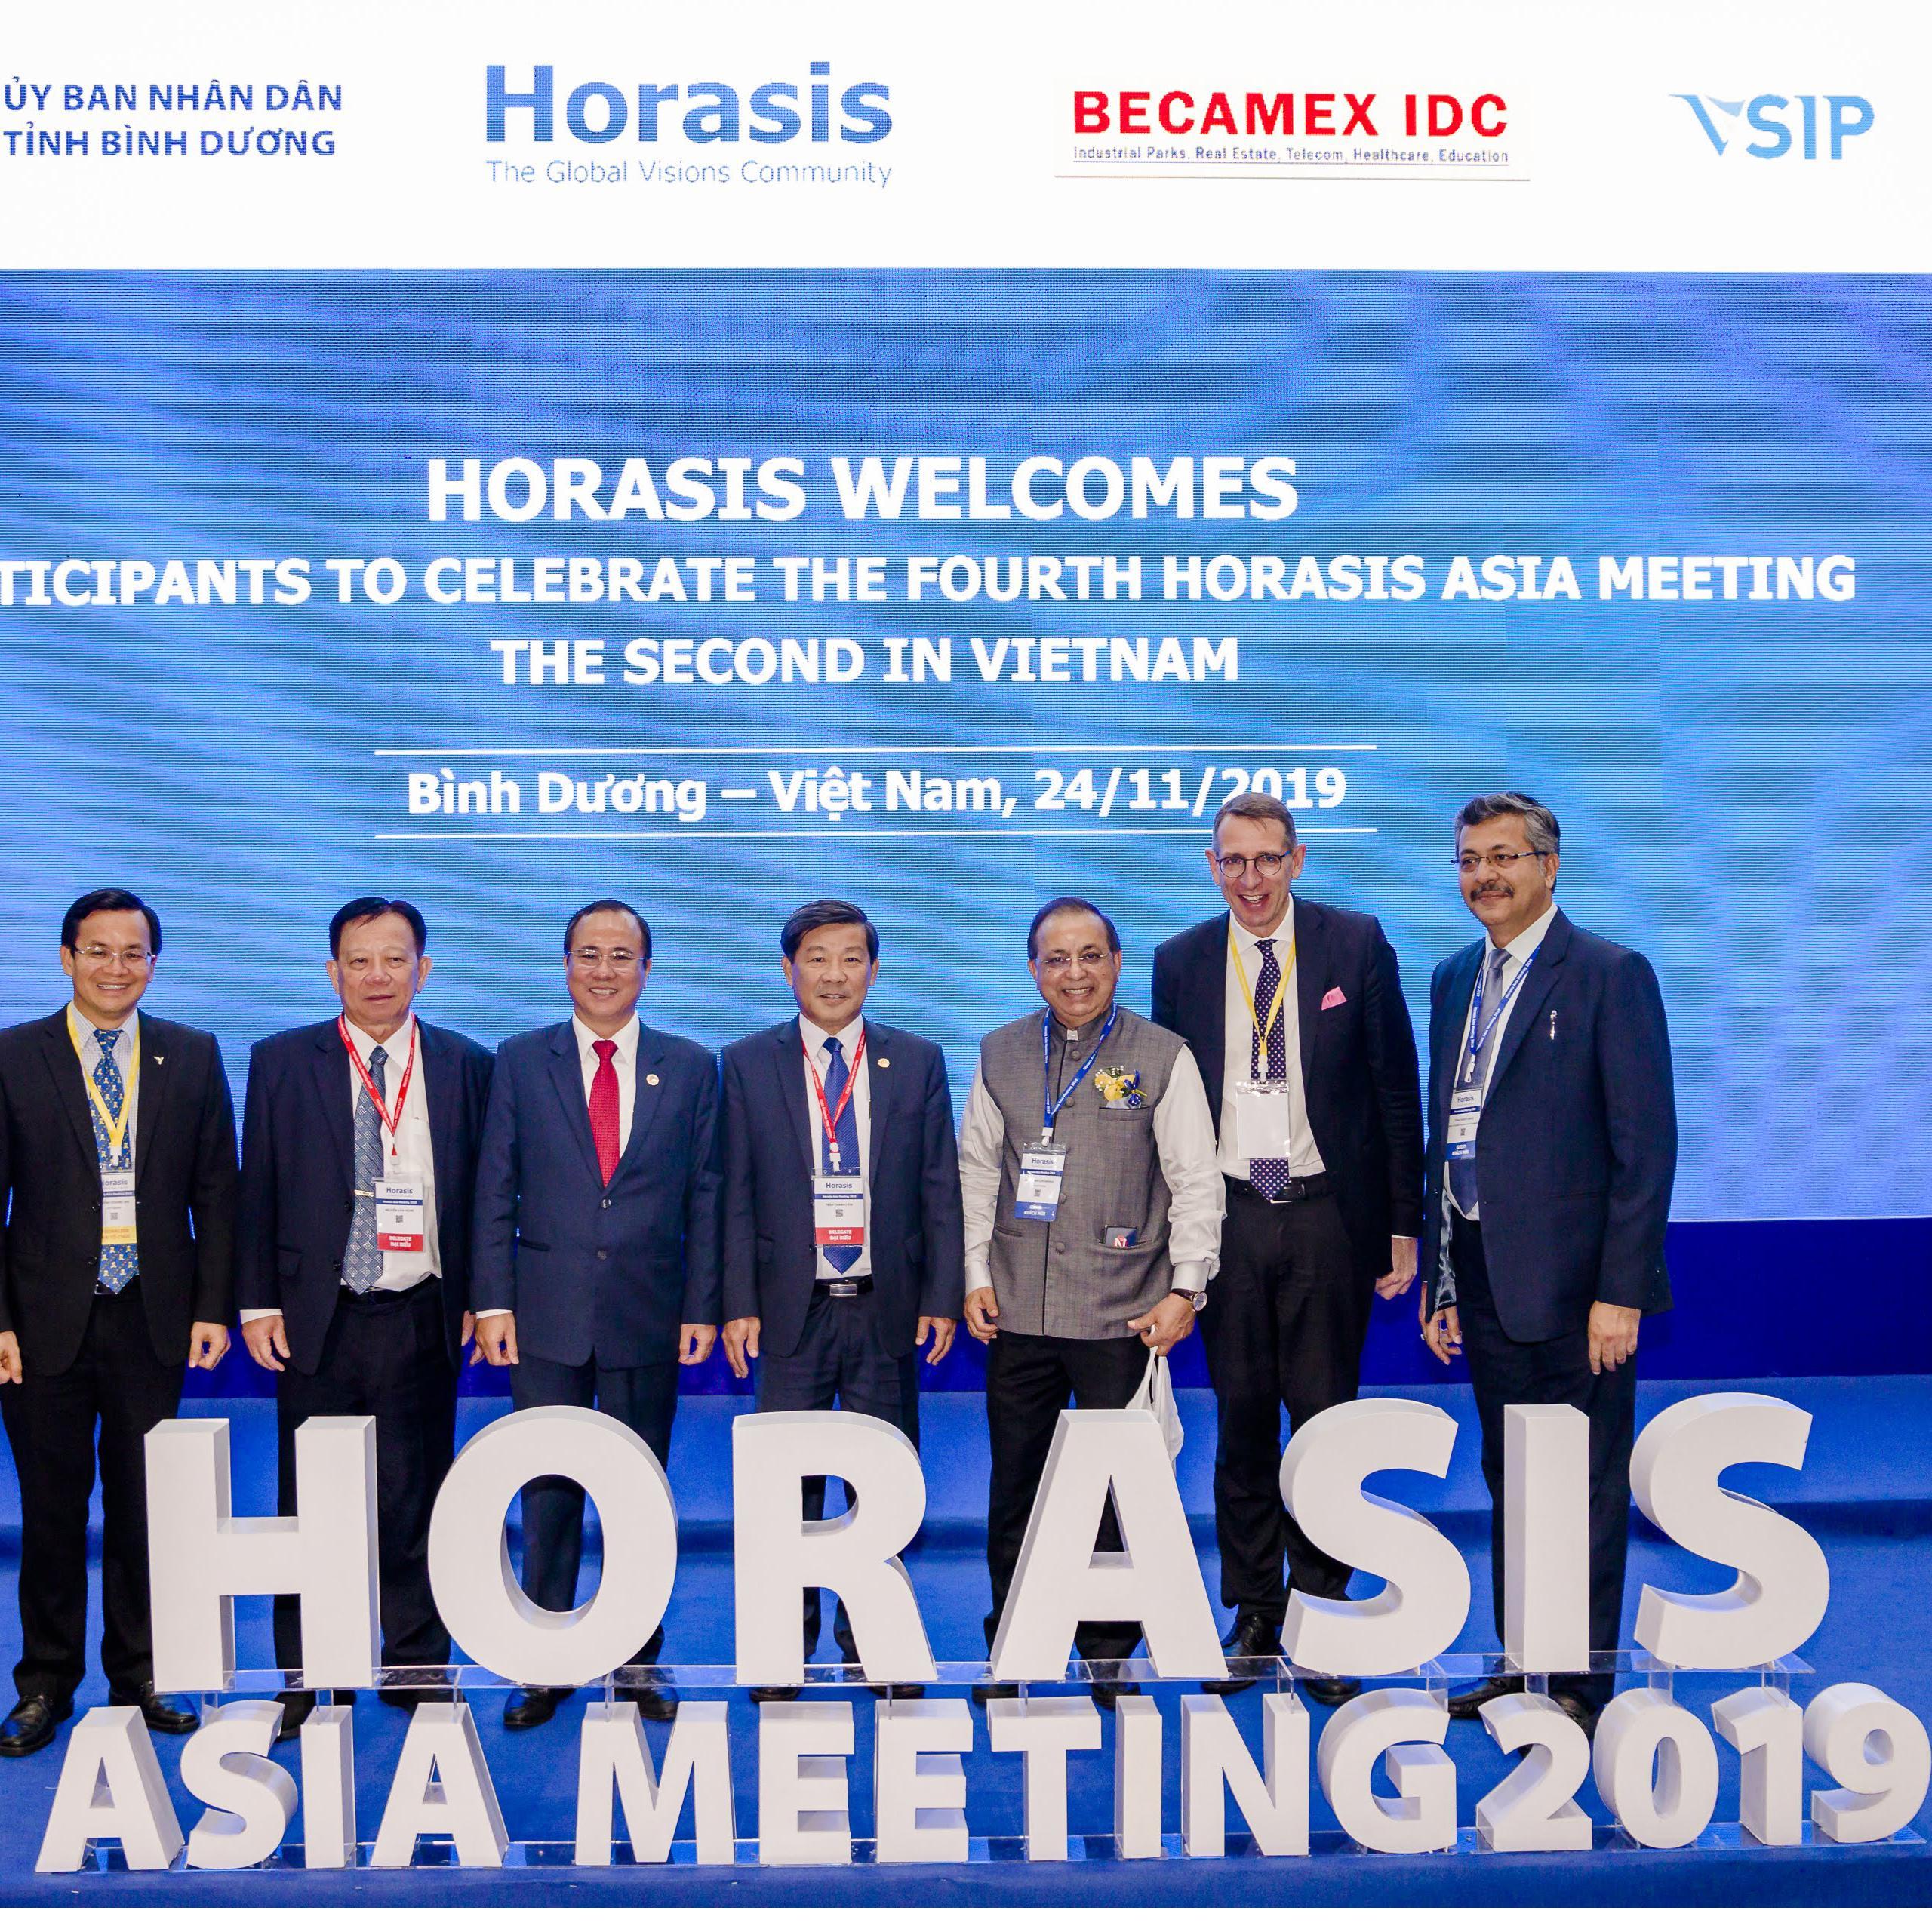 DIỄN ĐÀN HỢP TÁC KINH TẾ CHÂU Á - HORASIS ASIA MEETING 2019